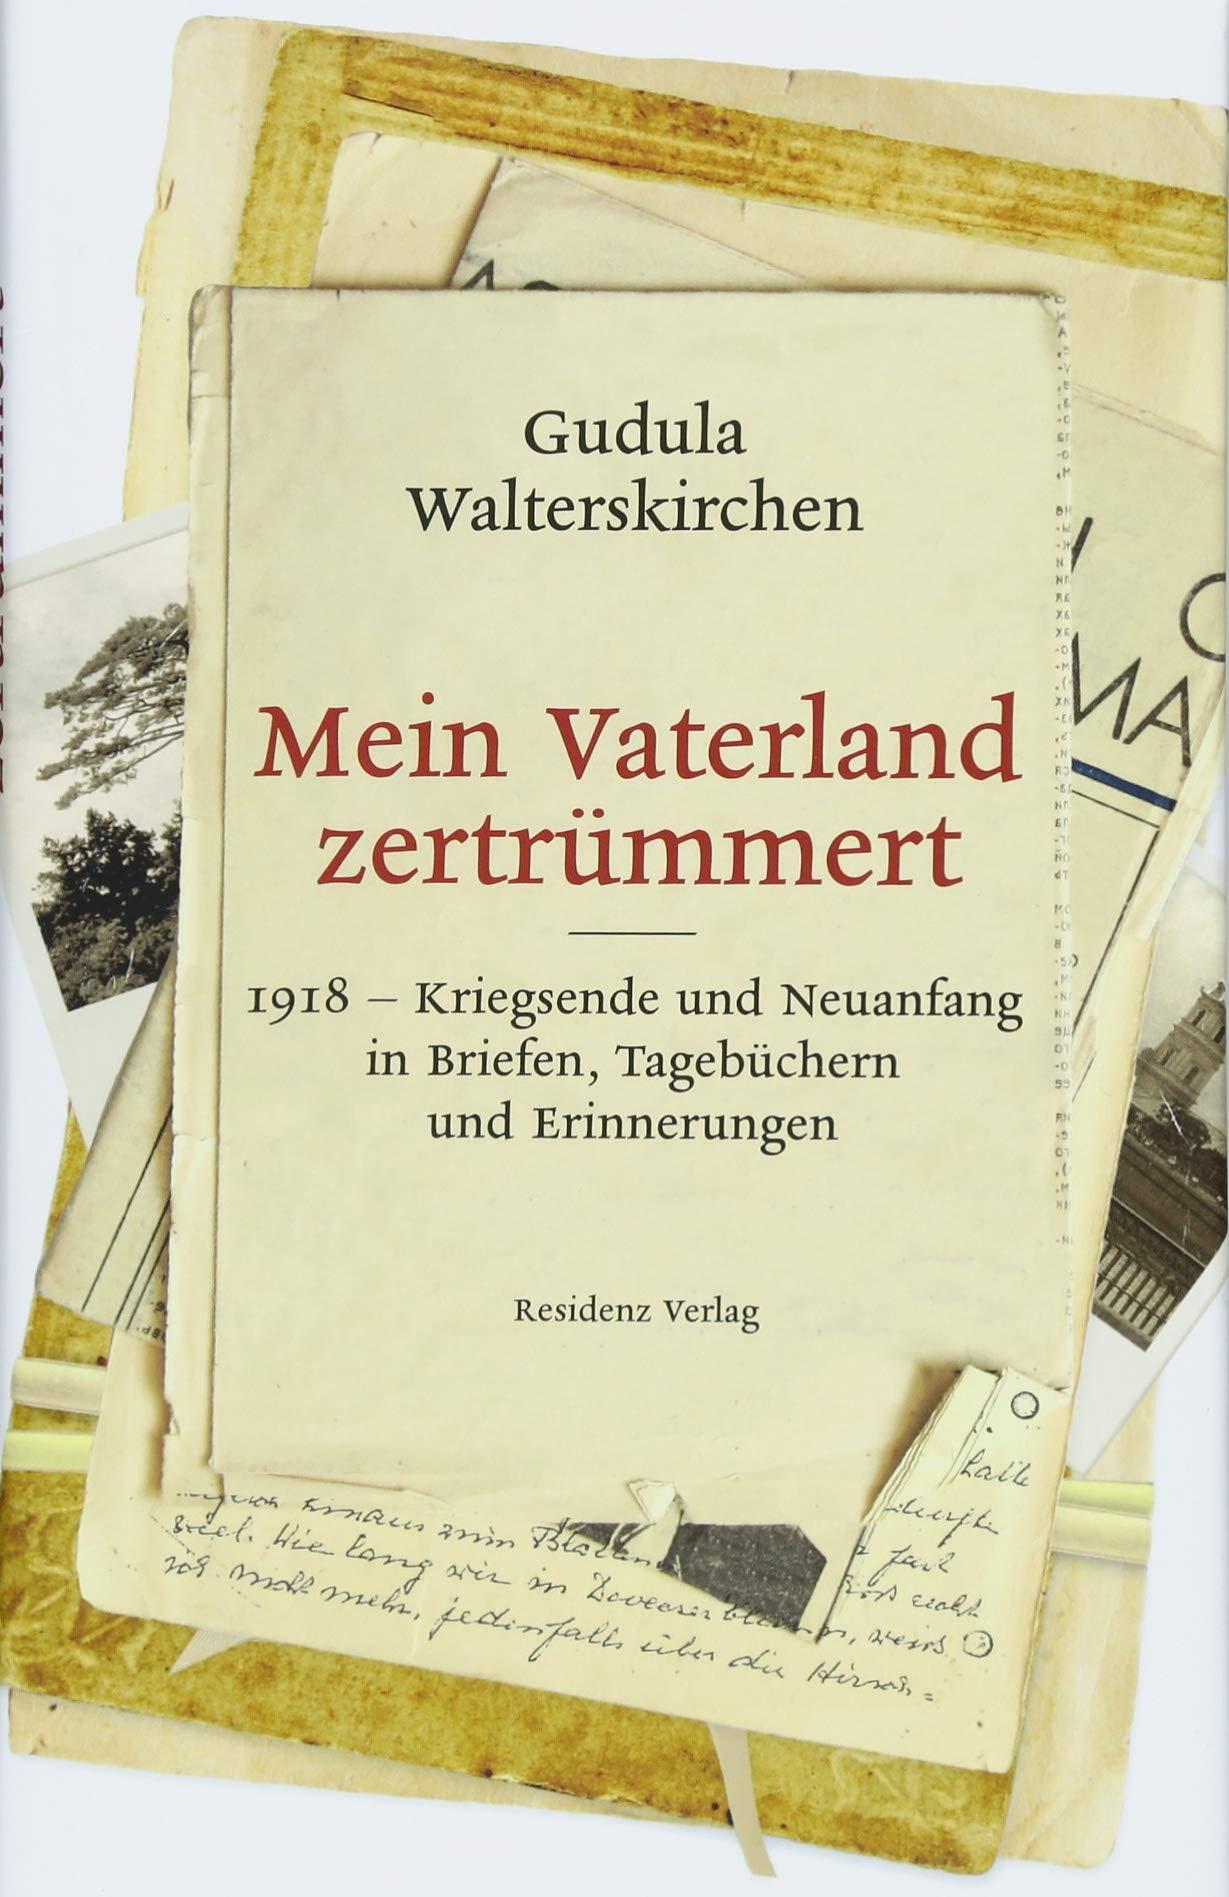 mein-vaterland-zertrmmert-1918-kriegsende-und-neuanfang-in-briefen-tagbchern-und-erinnerungen